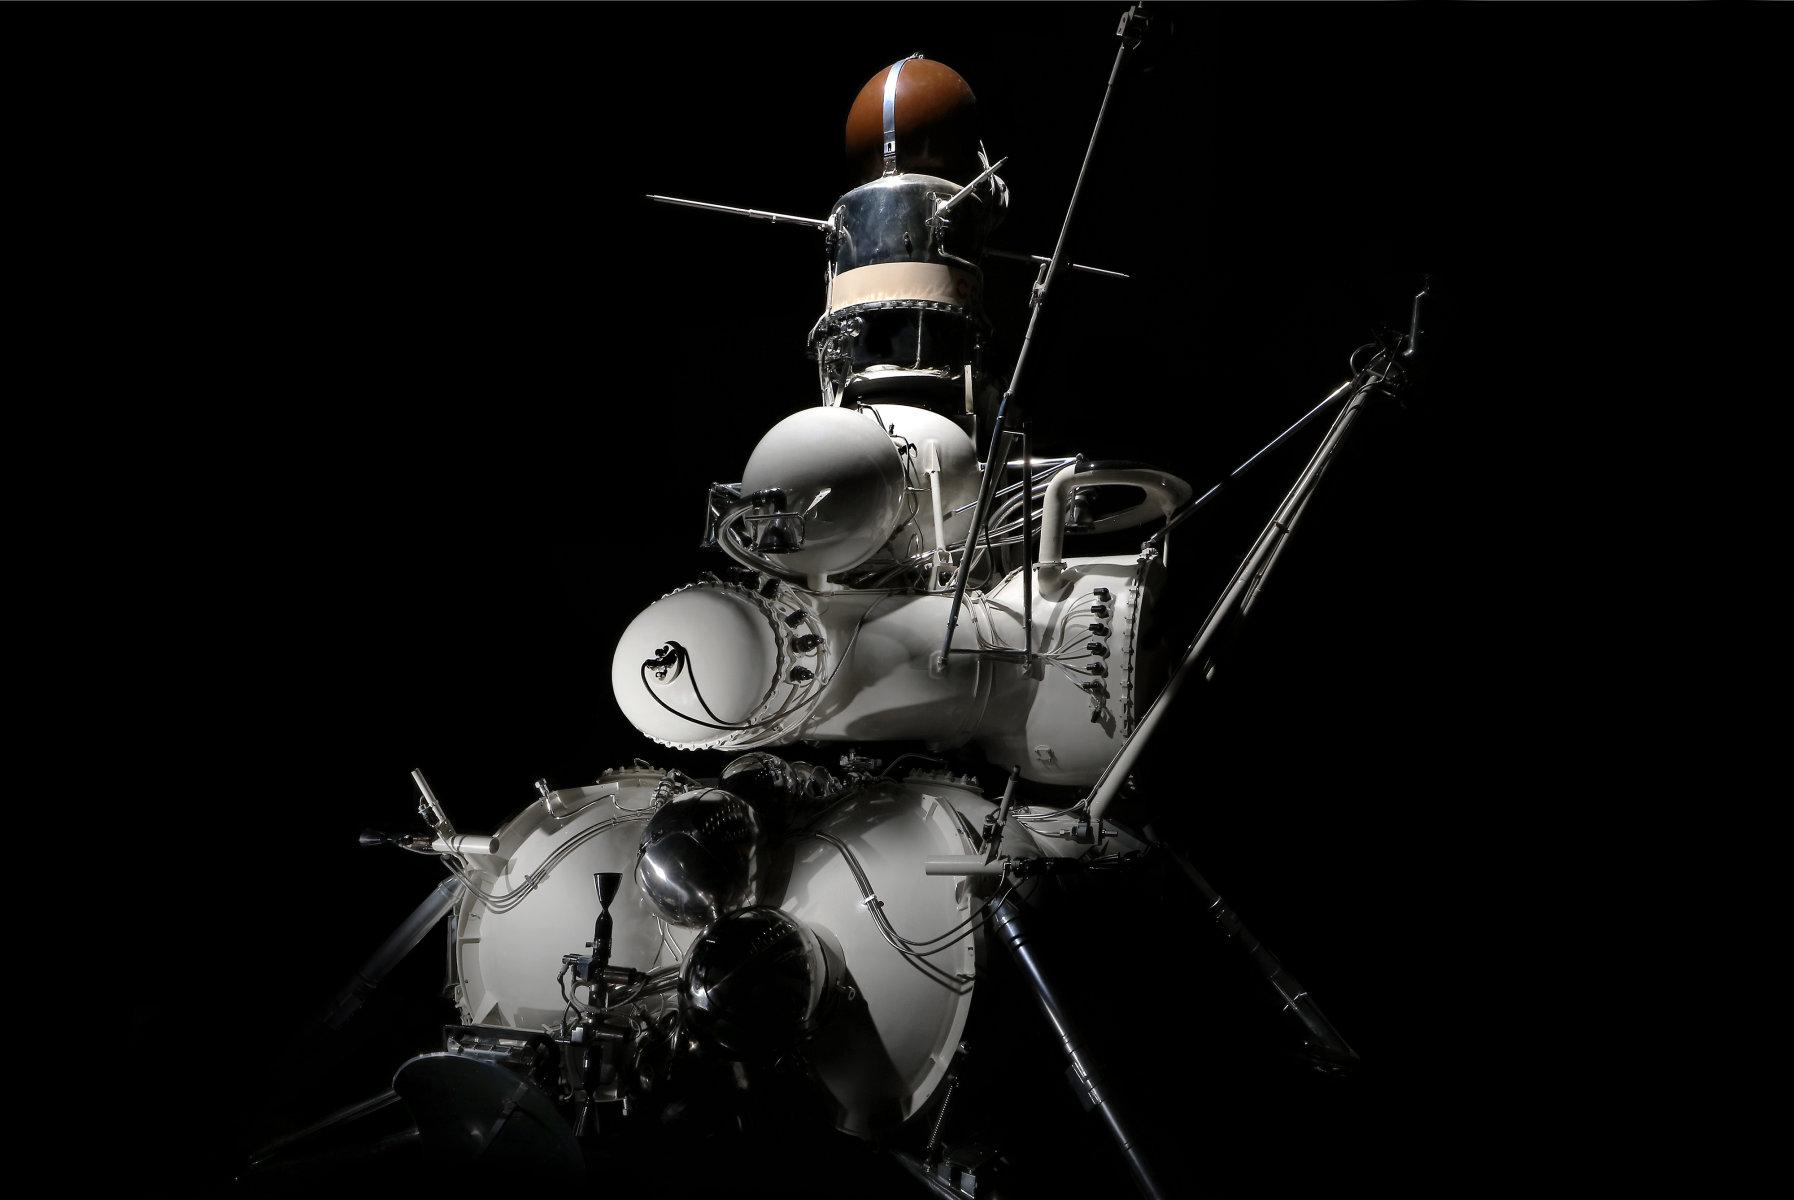 Автоматическая межпланетная станция «Луна-16»